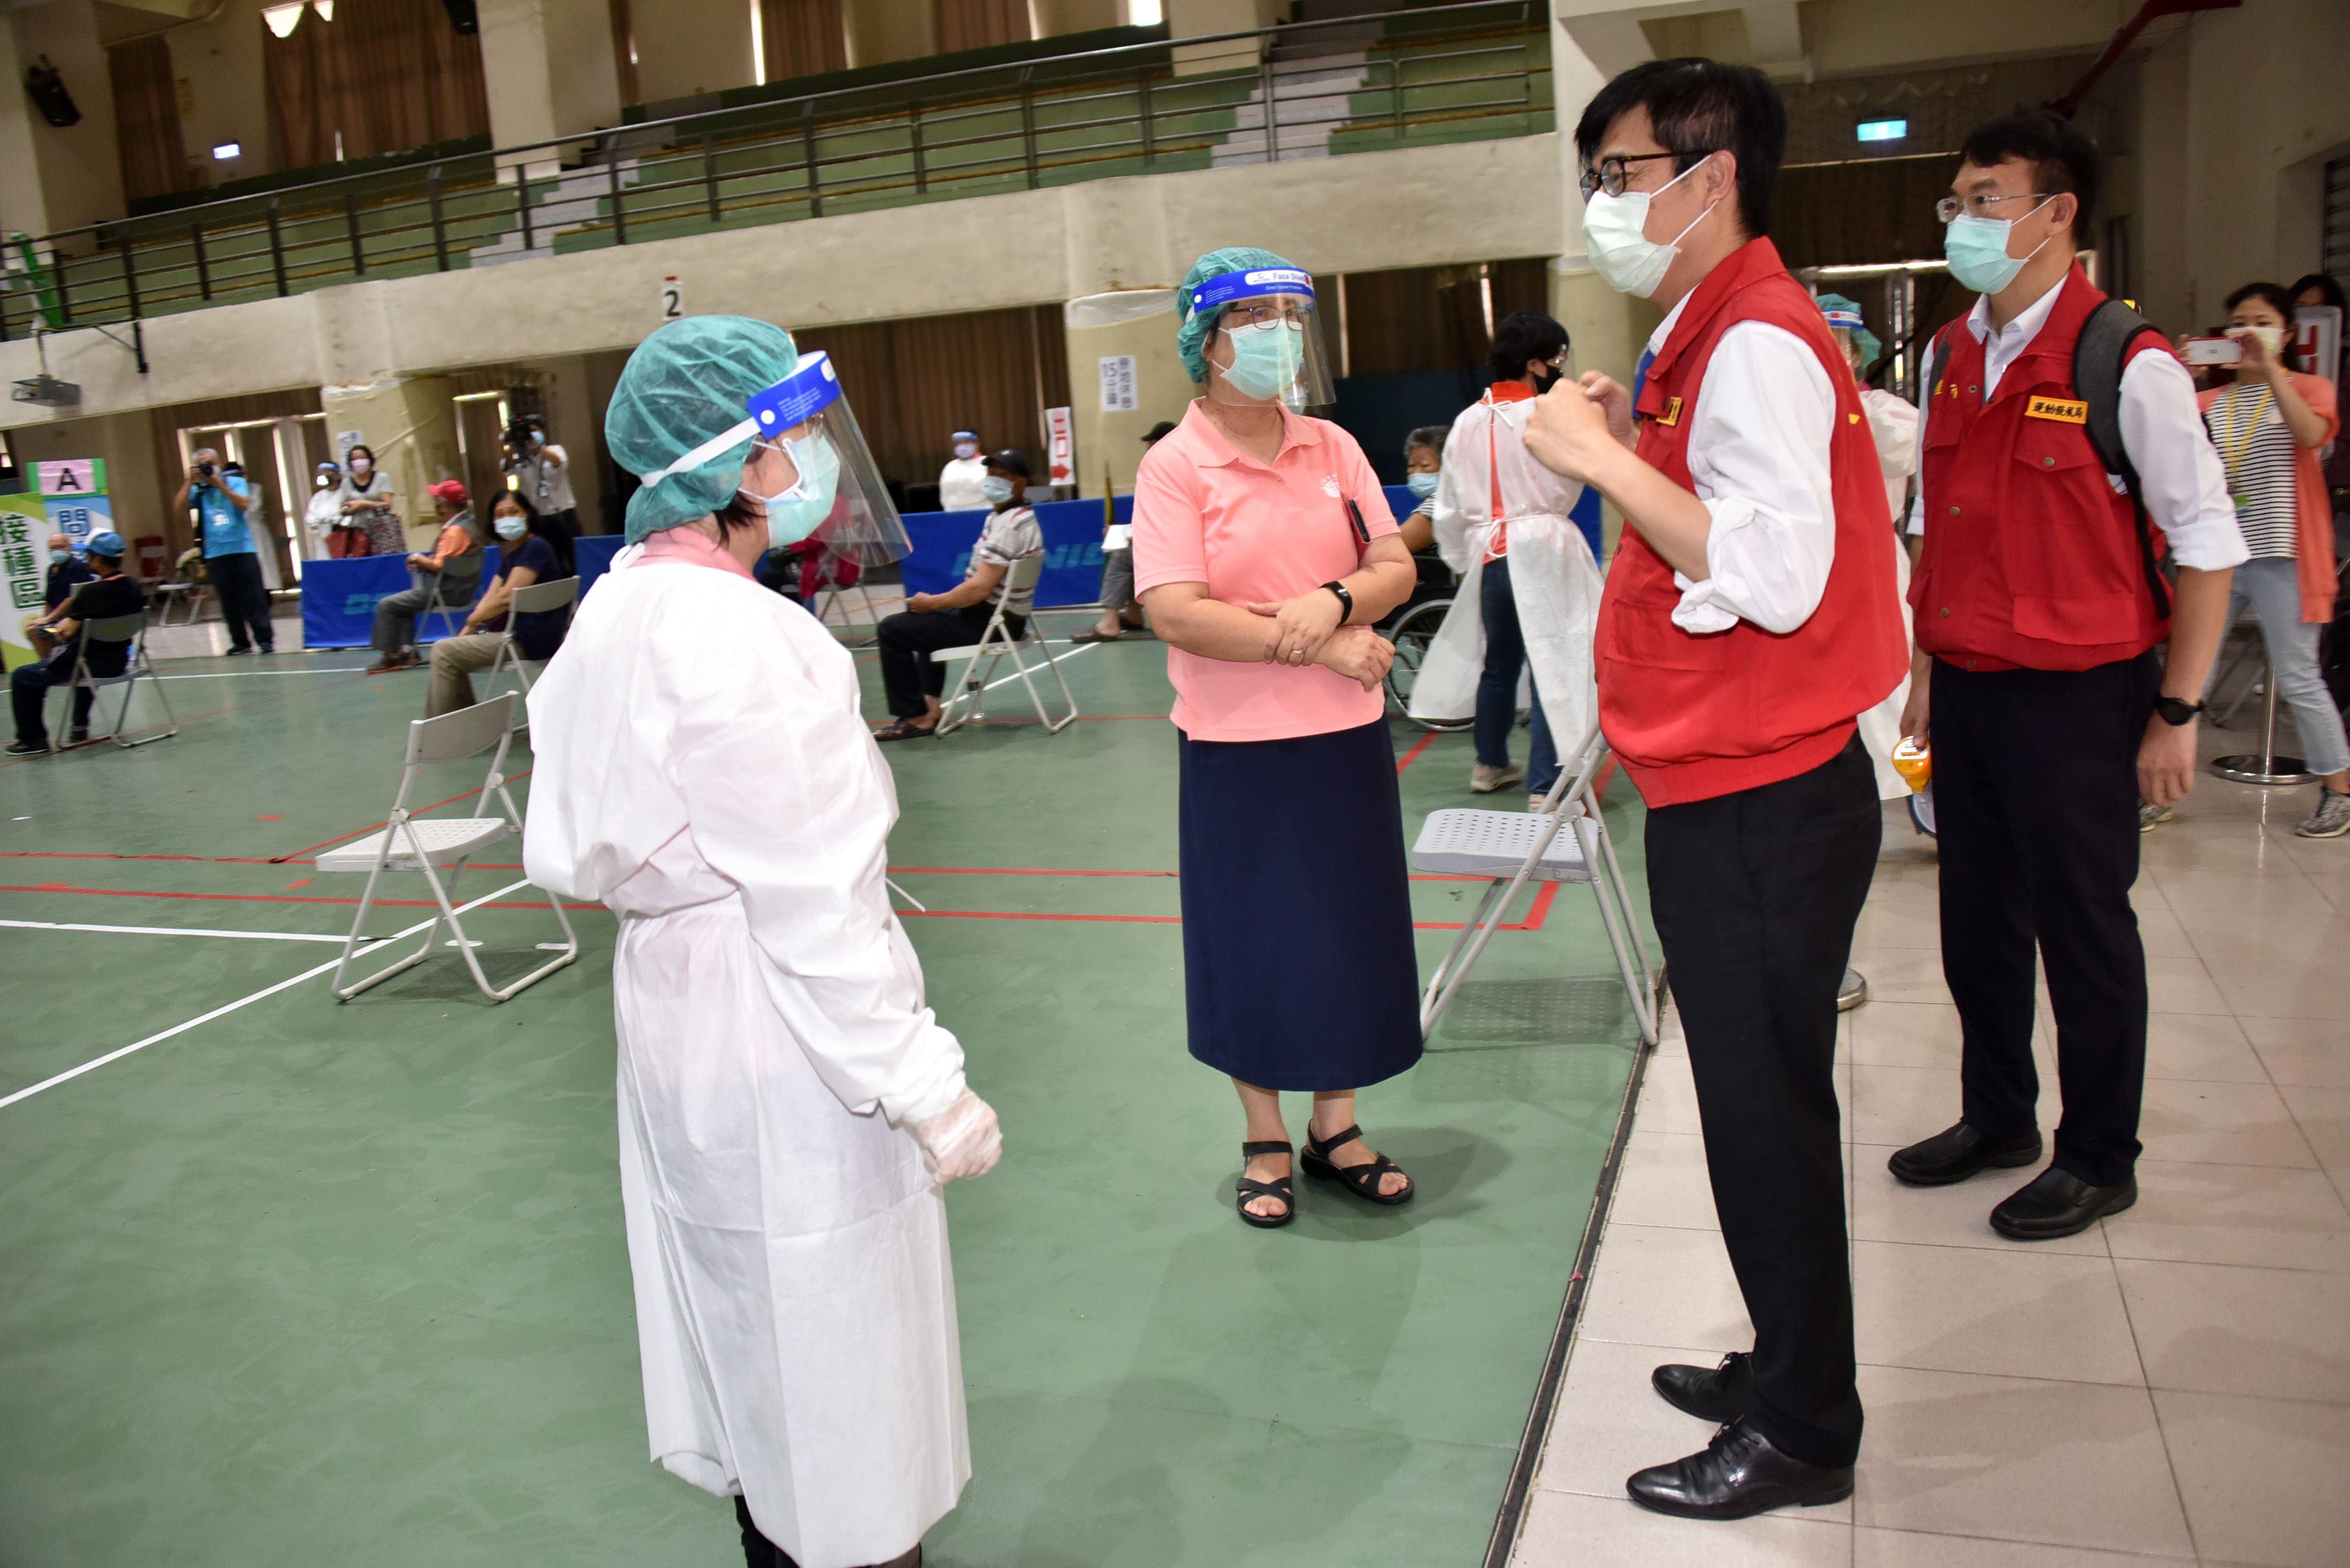 0618視察疫苗施打_通稿3.JPG.jpg